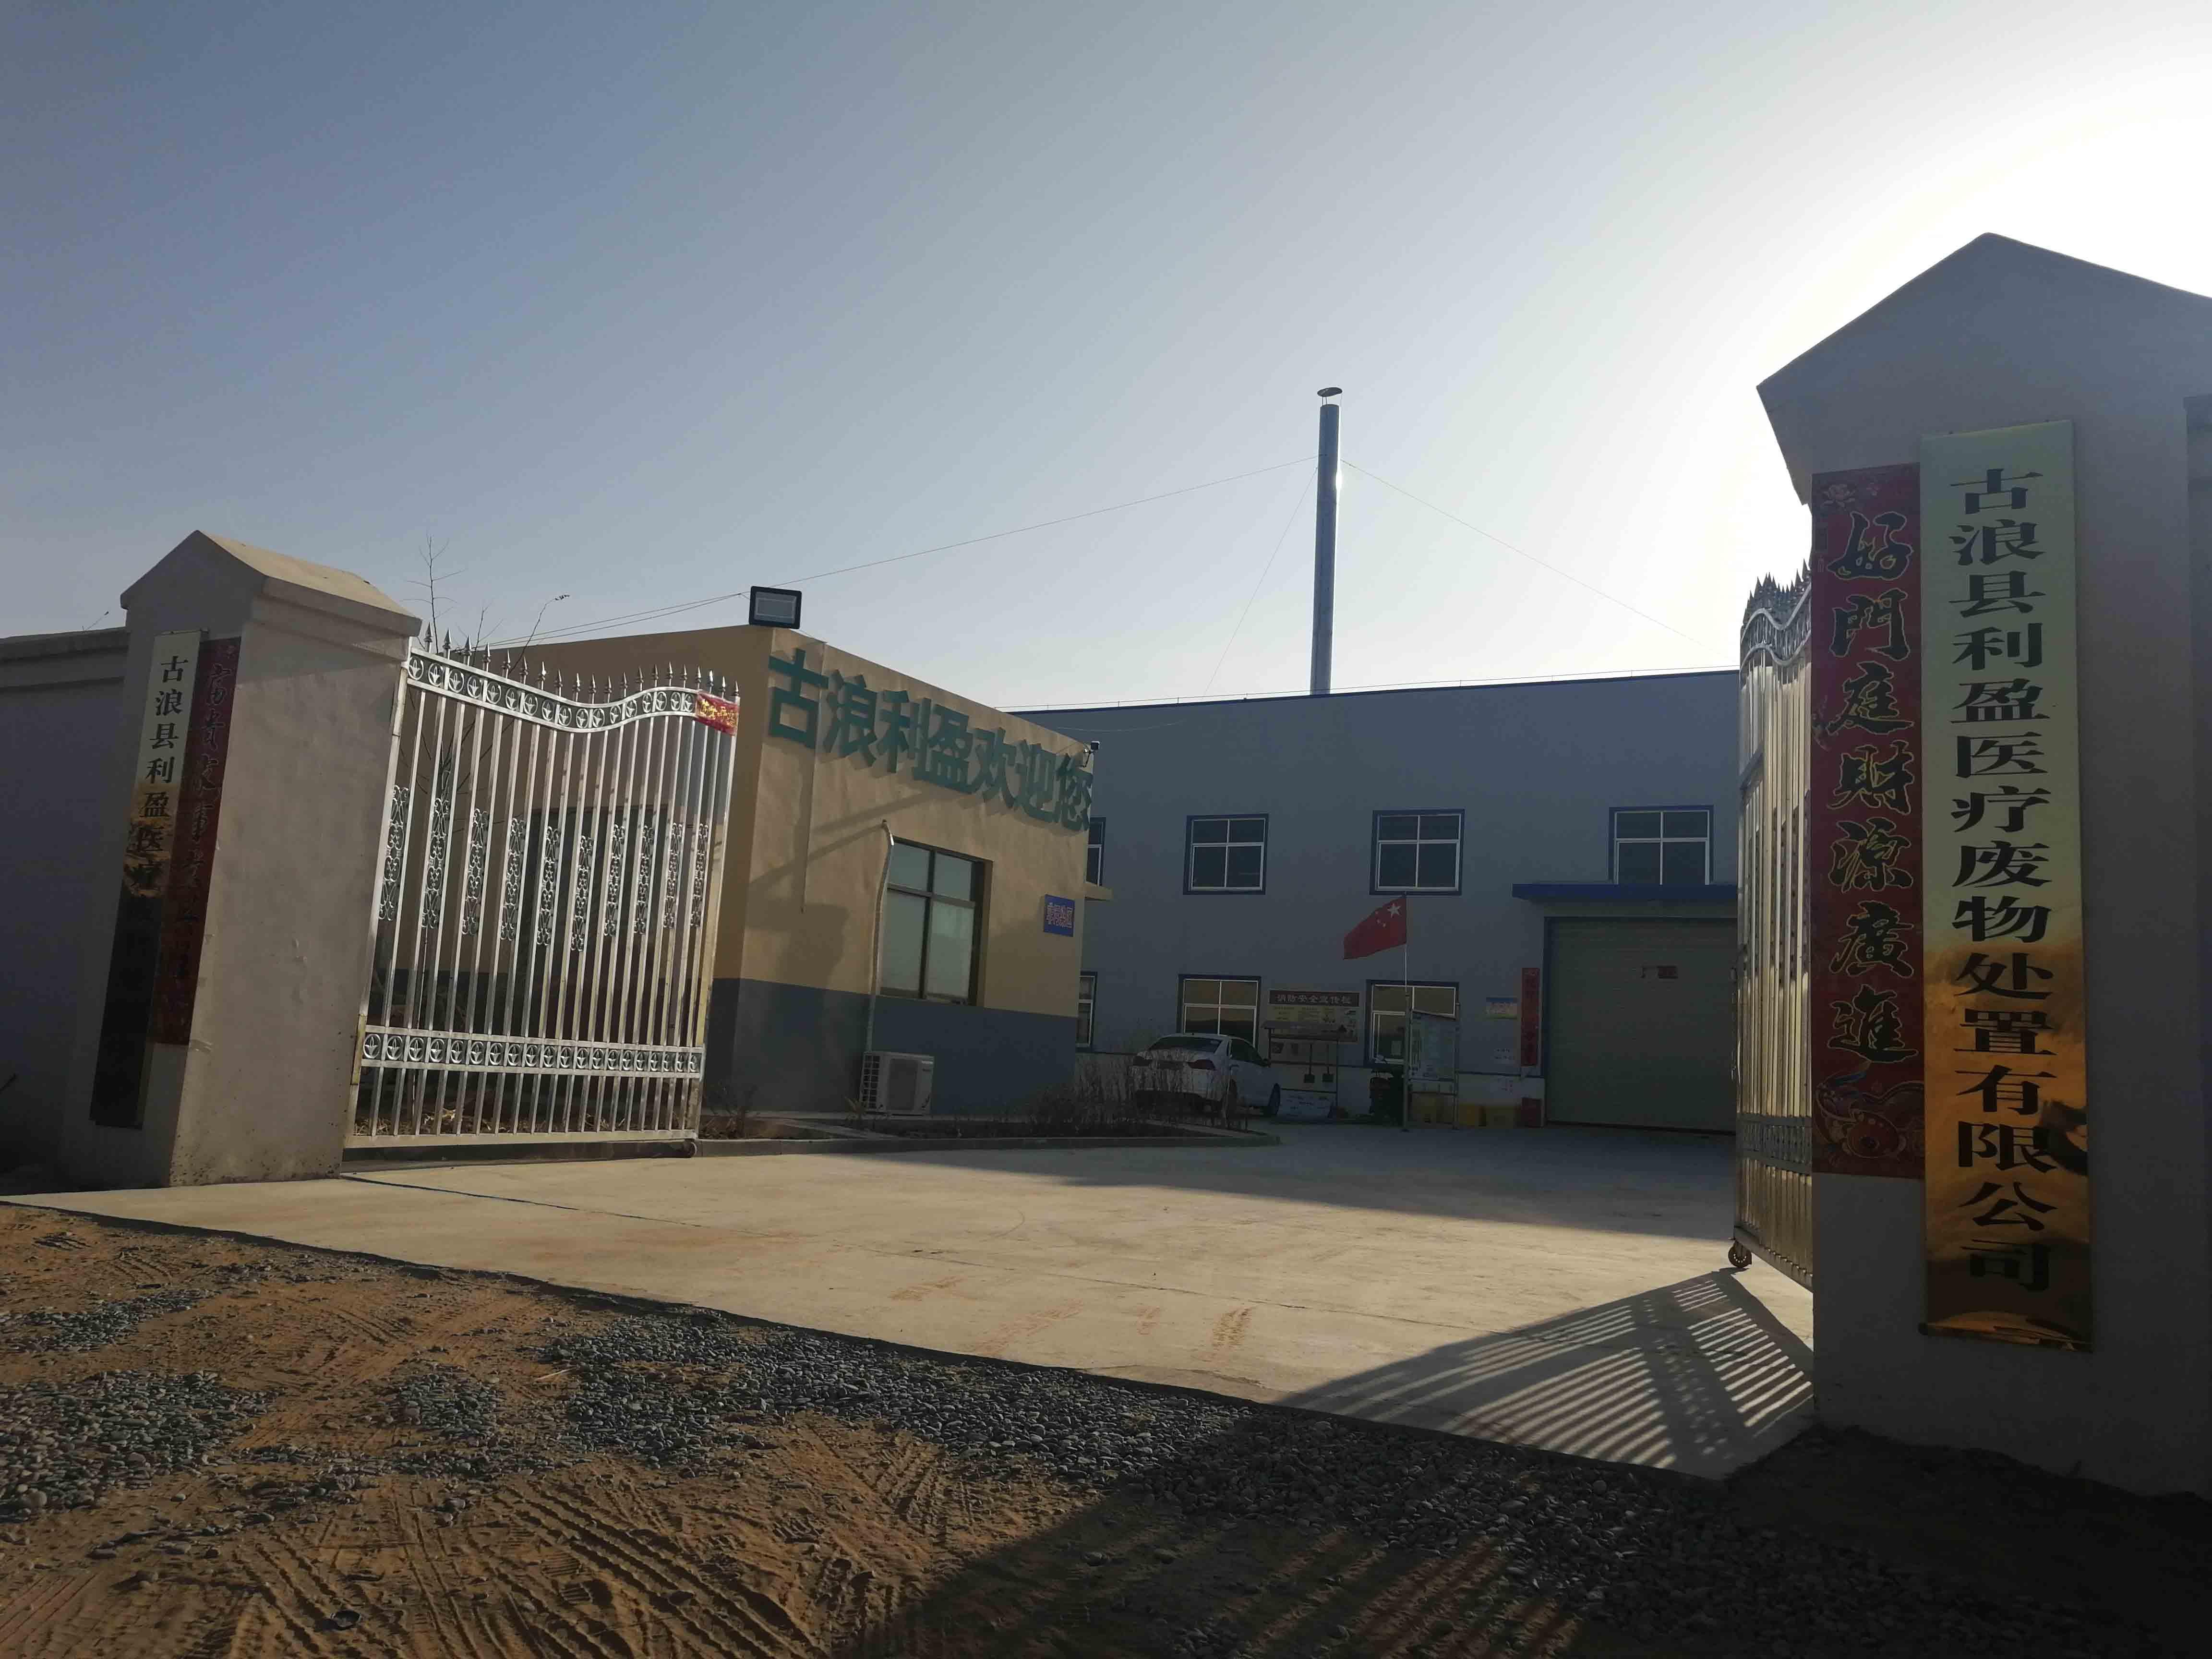 古浪县医疗废物集中处置中心